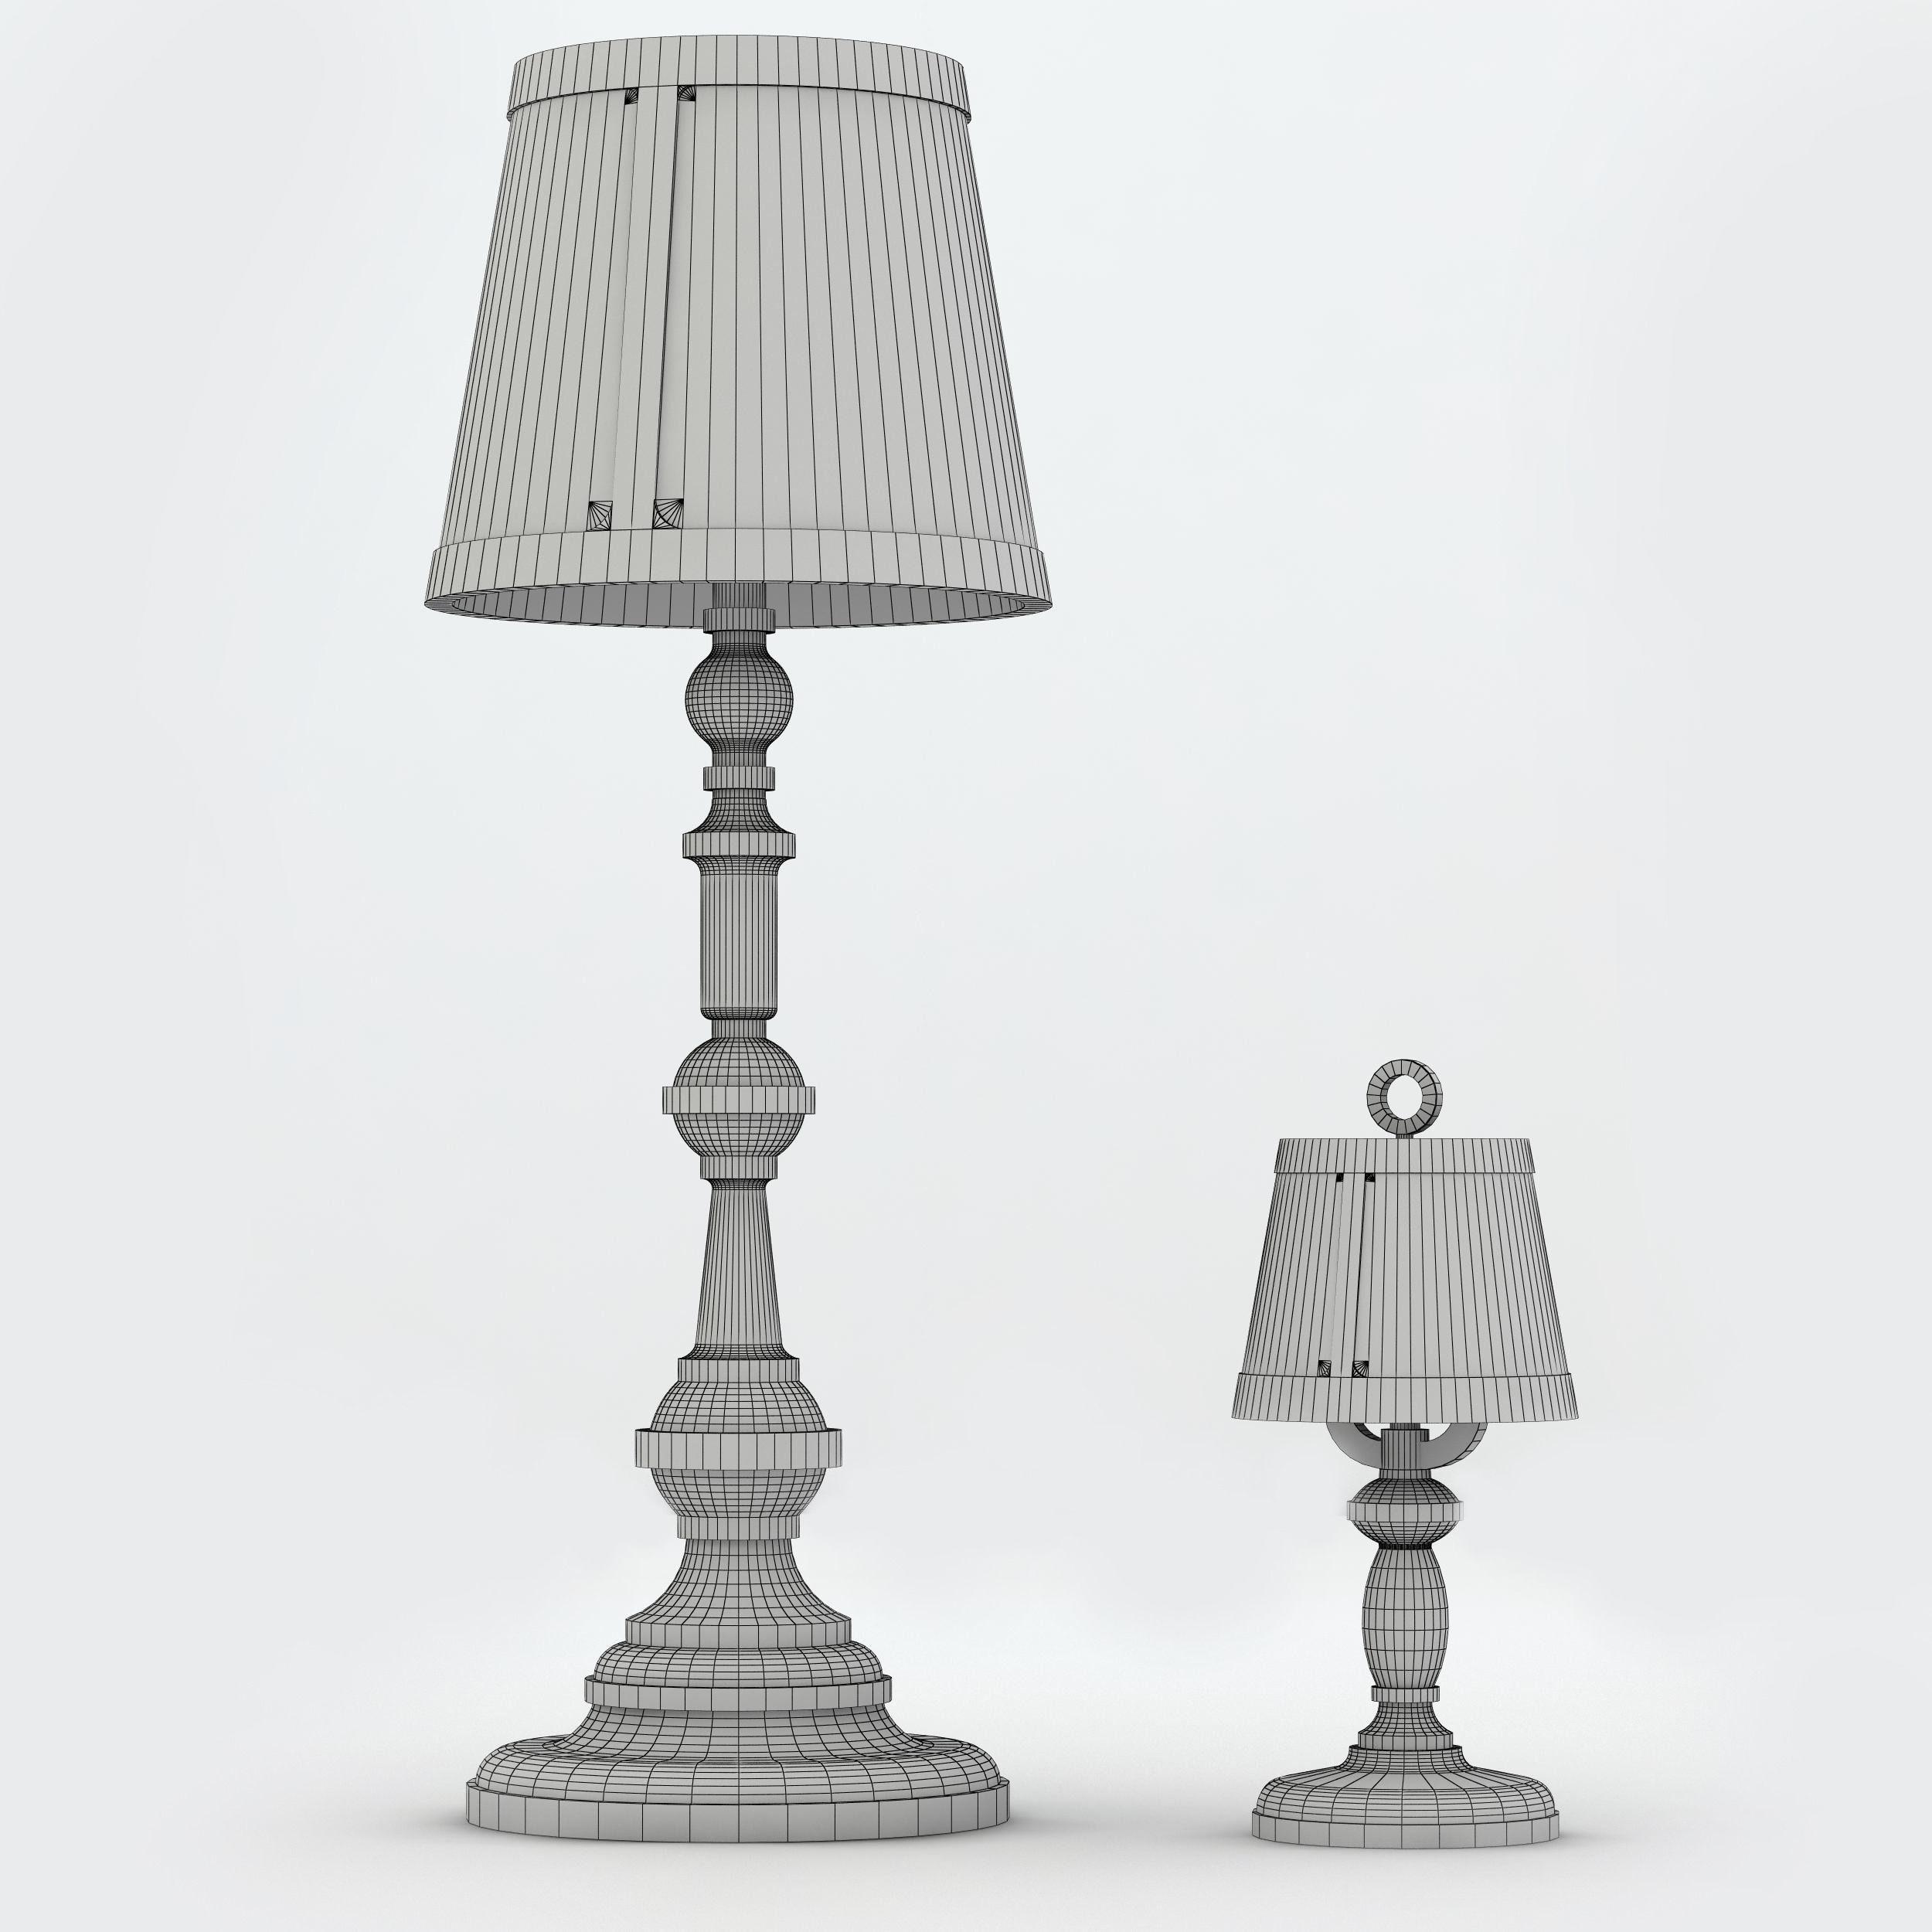 Floor lamp moooi 3d model max 3ds fbx cgtradercom for Moooi paper floor lamp replica